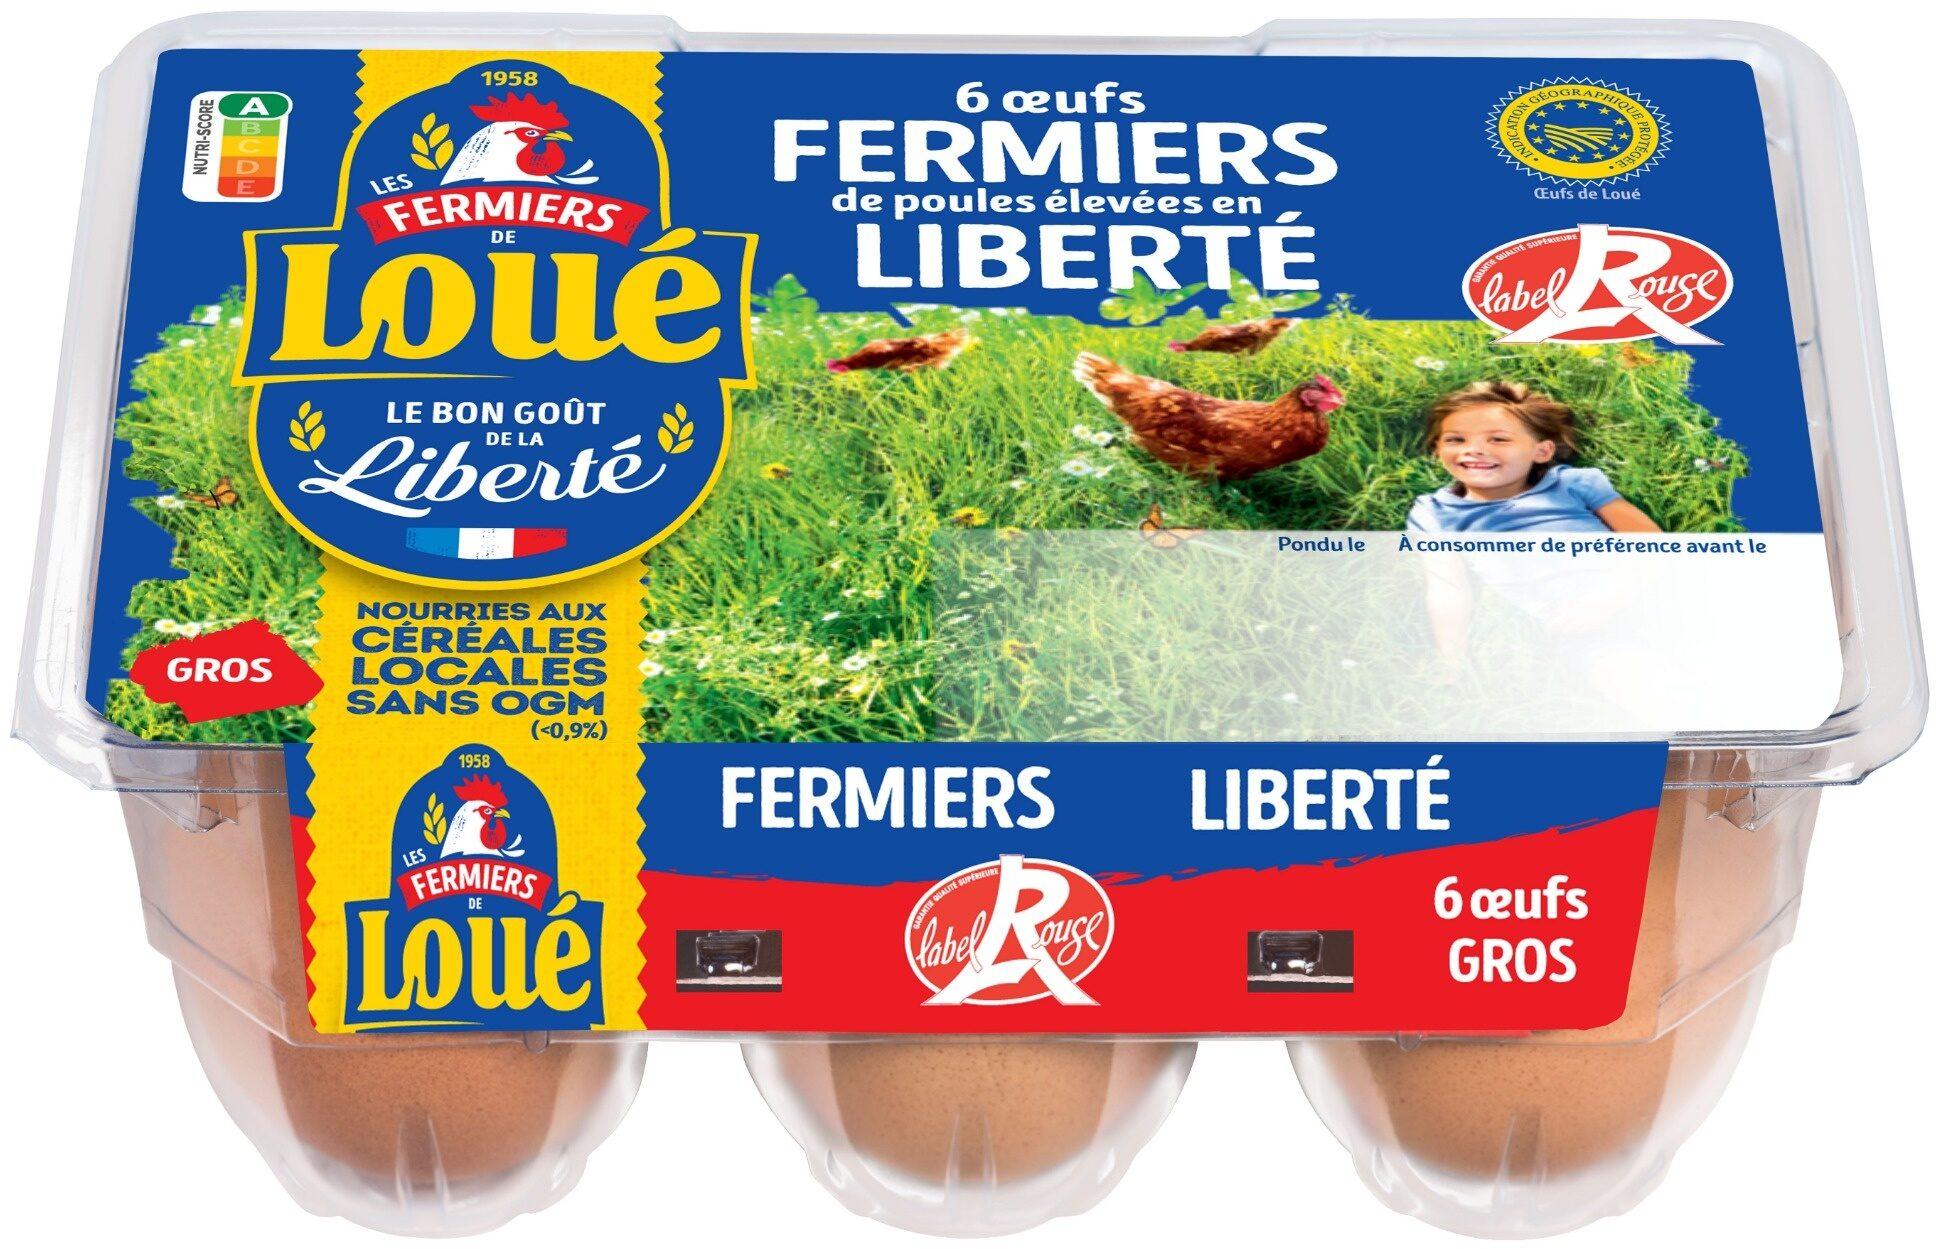 6x Gros Œufs fermiers de LOUÉ Label Rouge - Product - fr